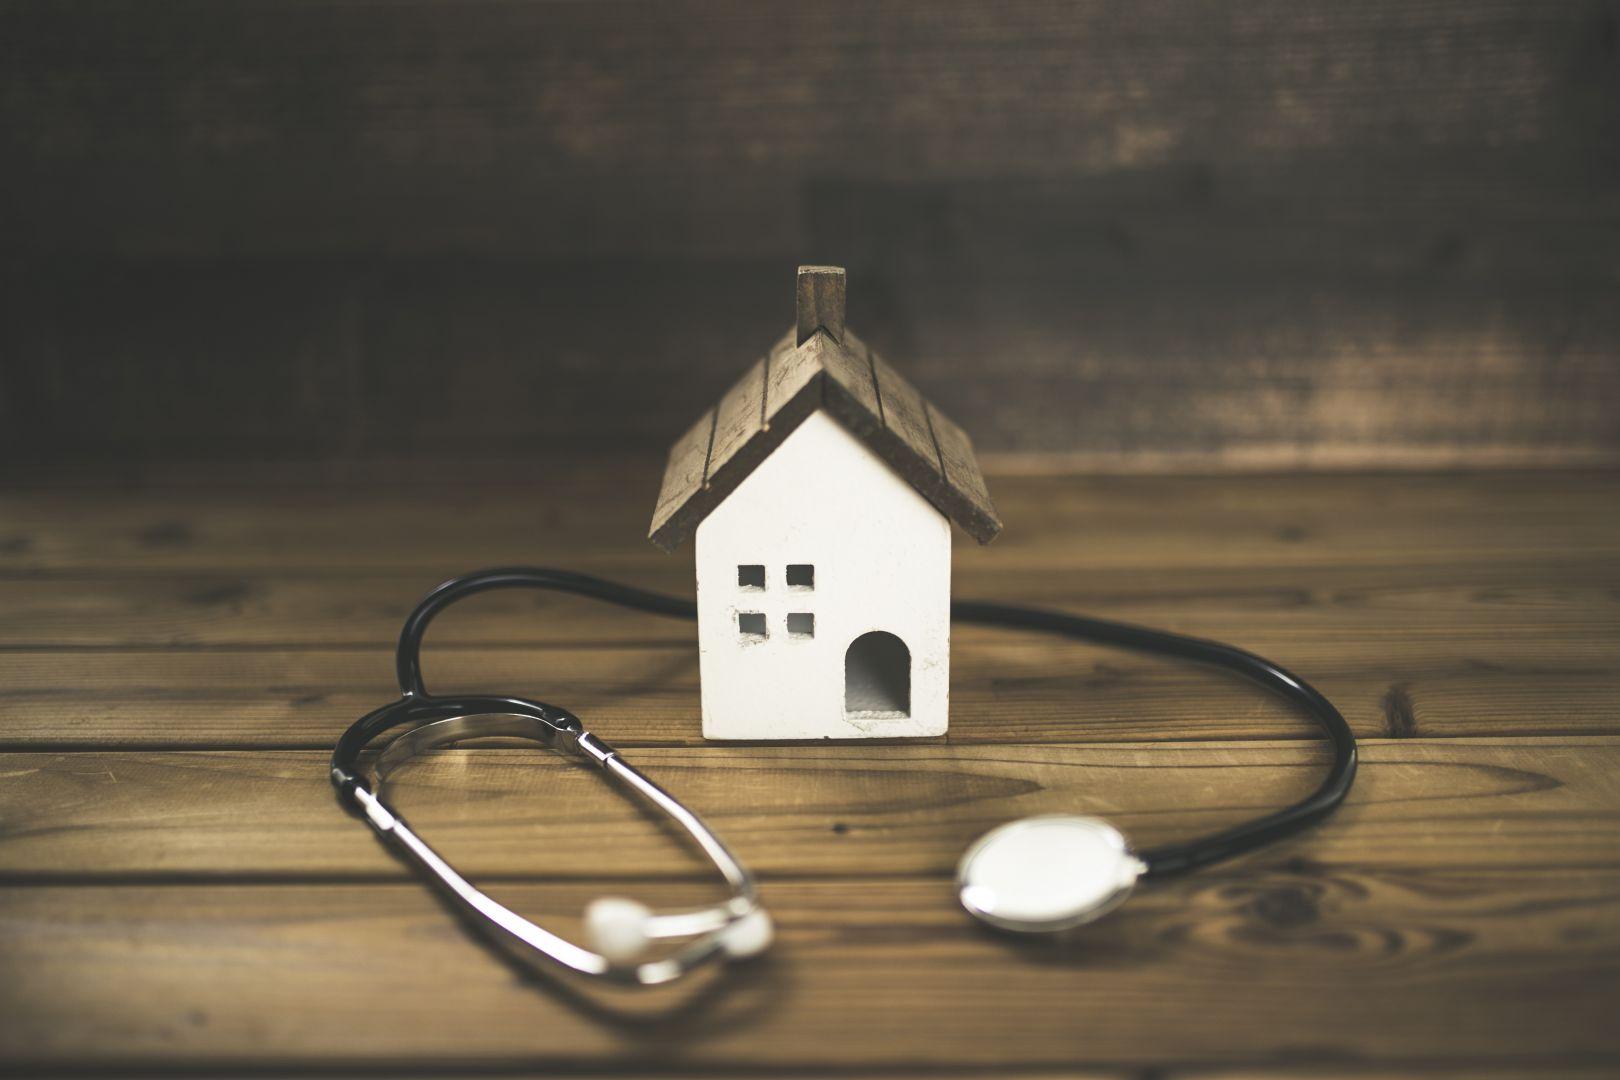 Avec l'acquisition de DEFIM, EX'IM devient le champion français du diagnostic immobilier, des repérages amiante et de l'expertise des bâtiments